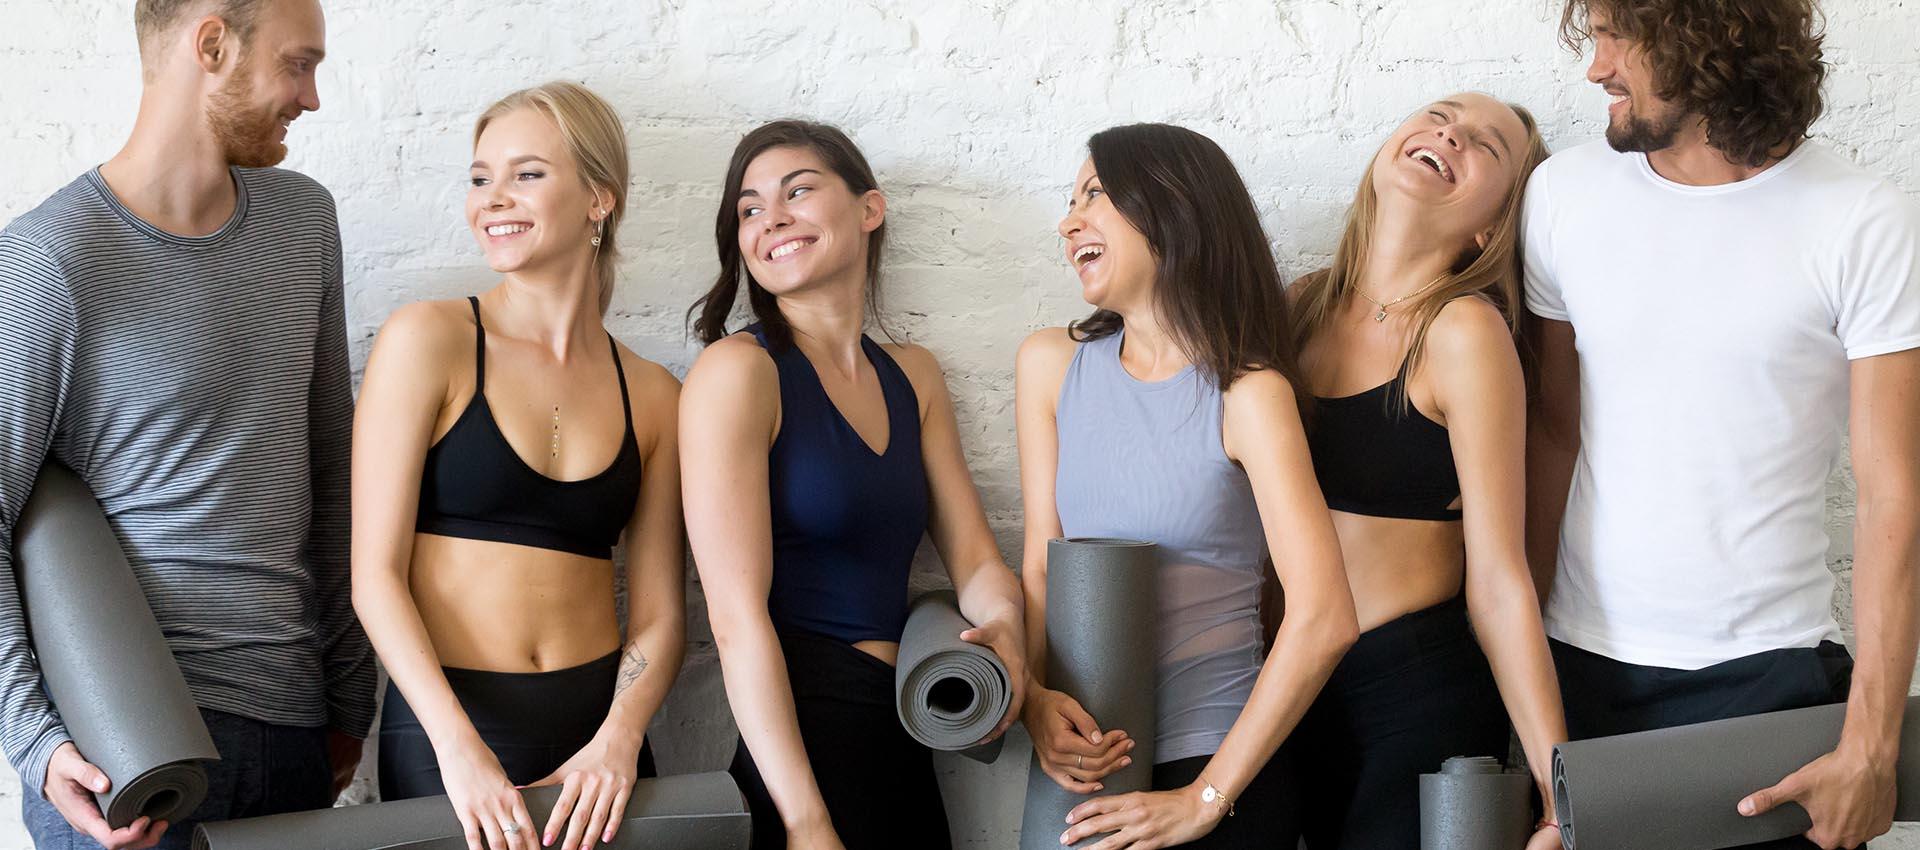 personas jóvenes antes de practicar las posturas de yoga en una clase